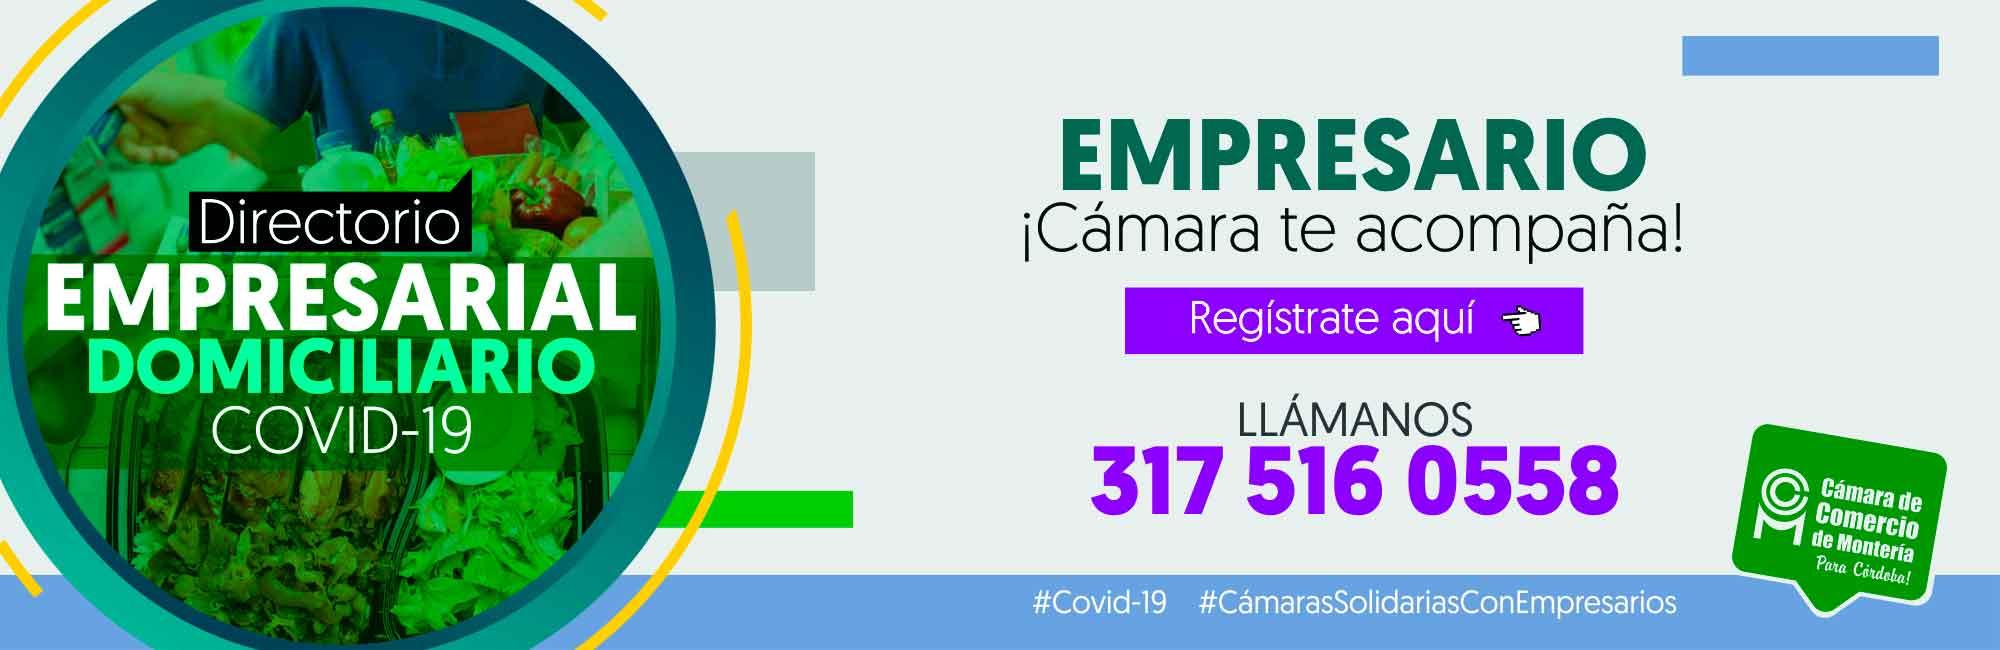 Directorio Empresarial especial COVID-19